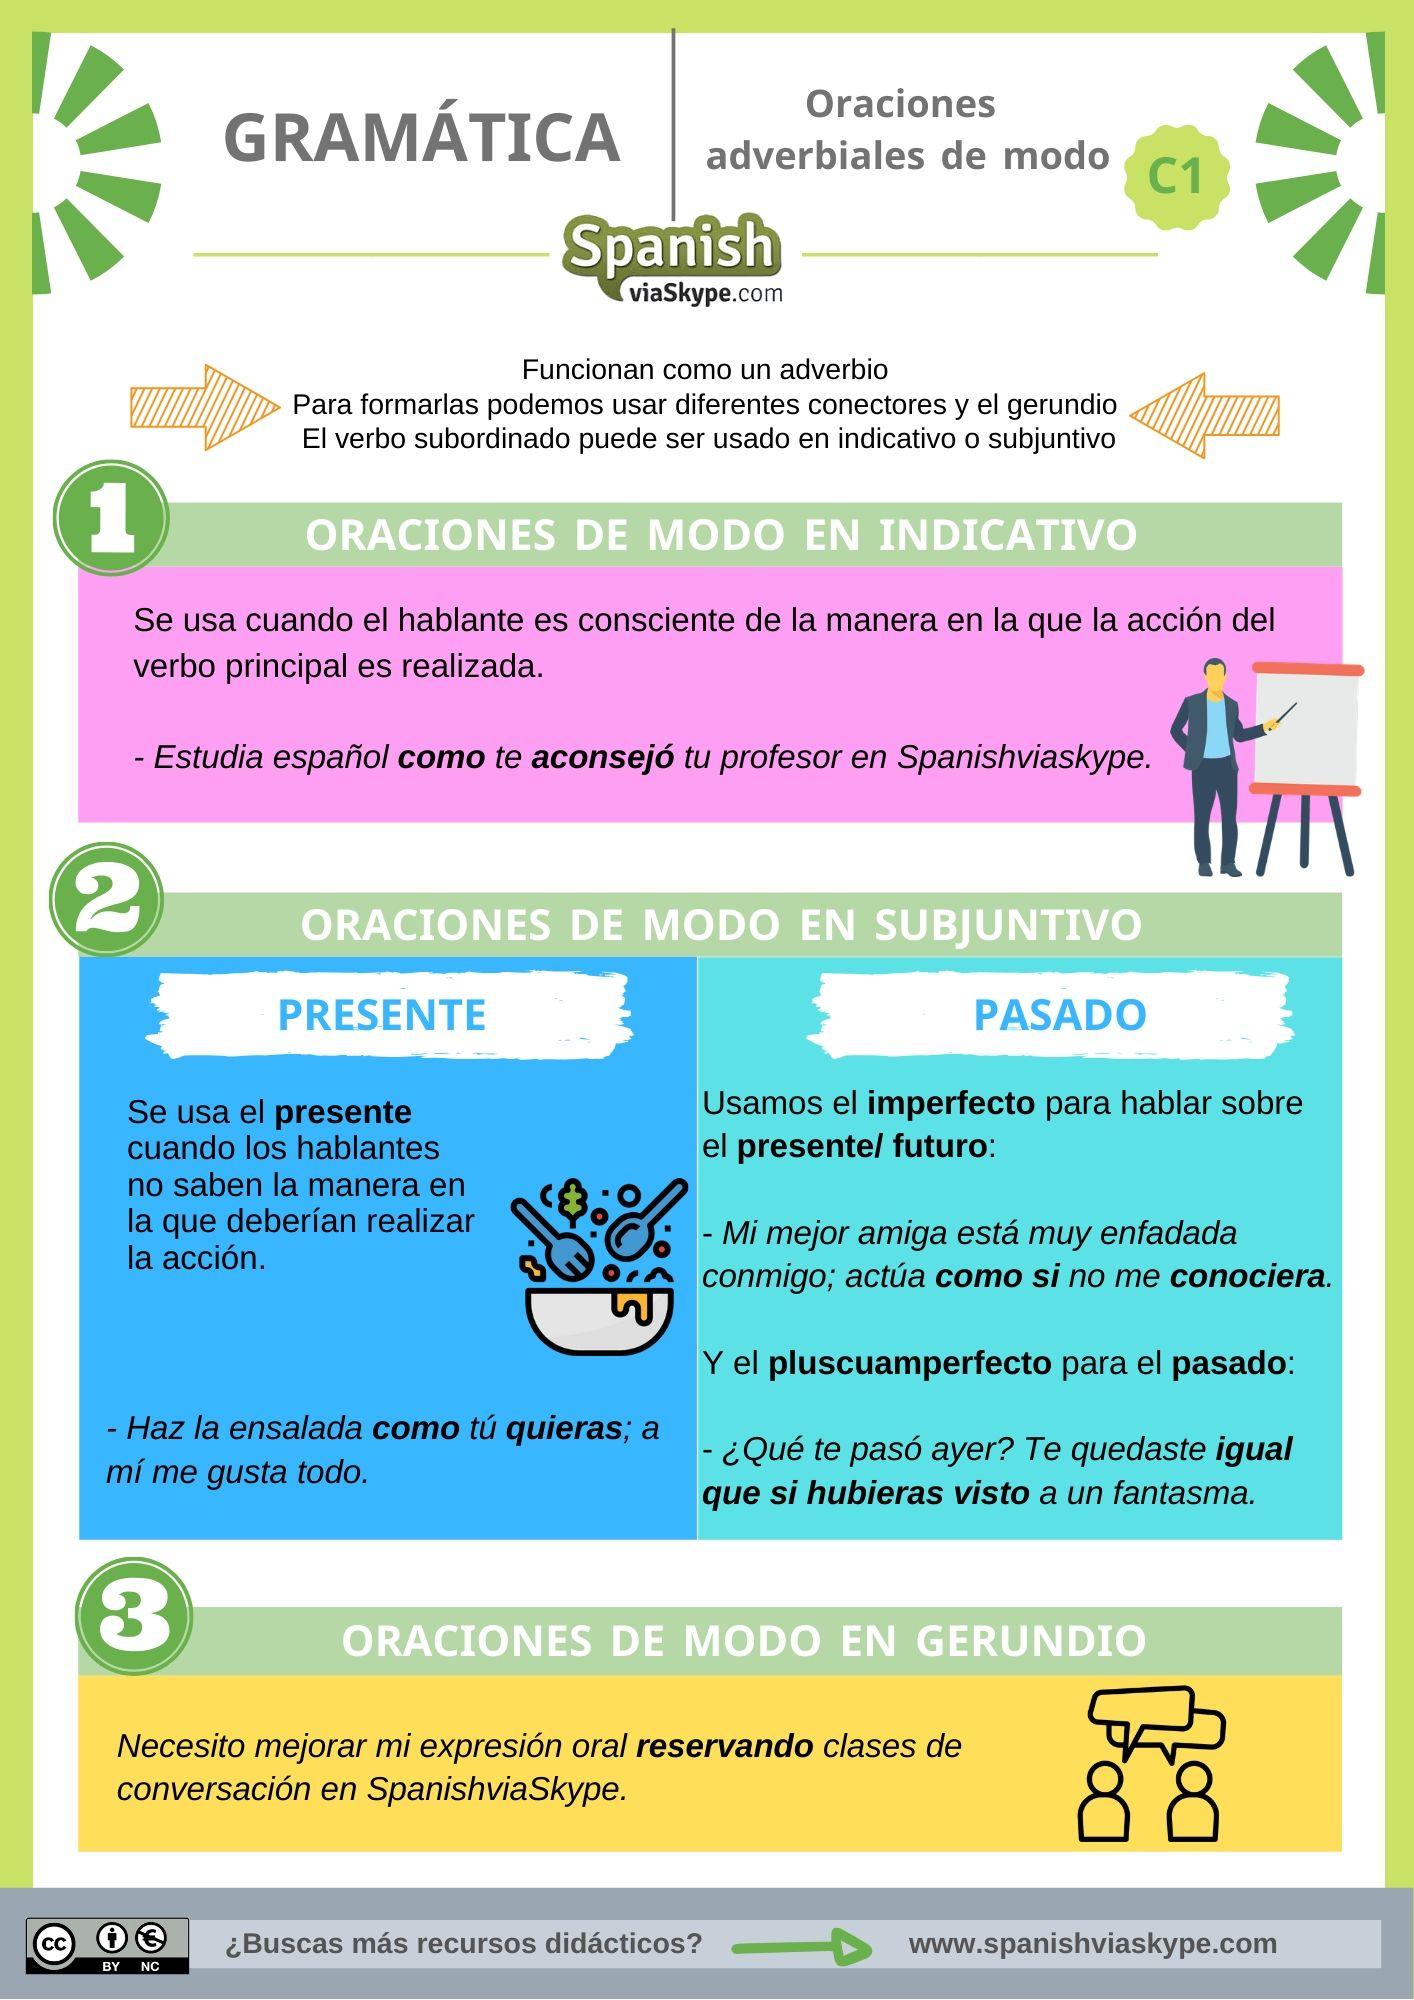 Oraciones Adverbiales De Modo En Español Spanish Via Skype